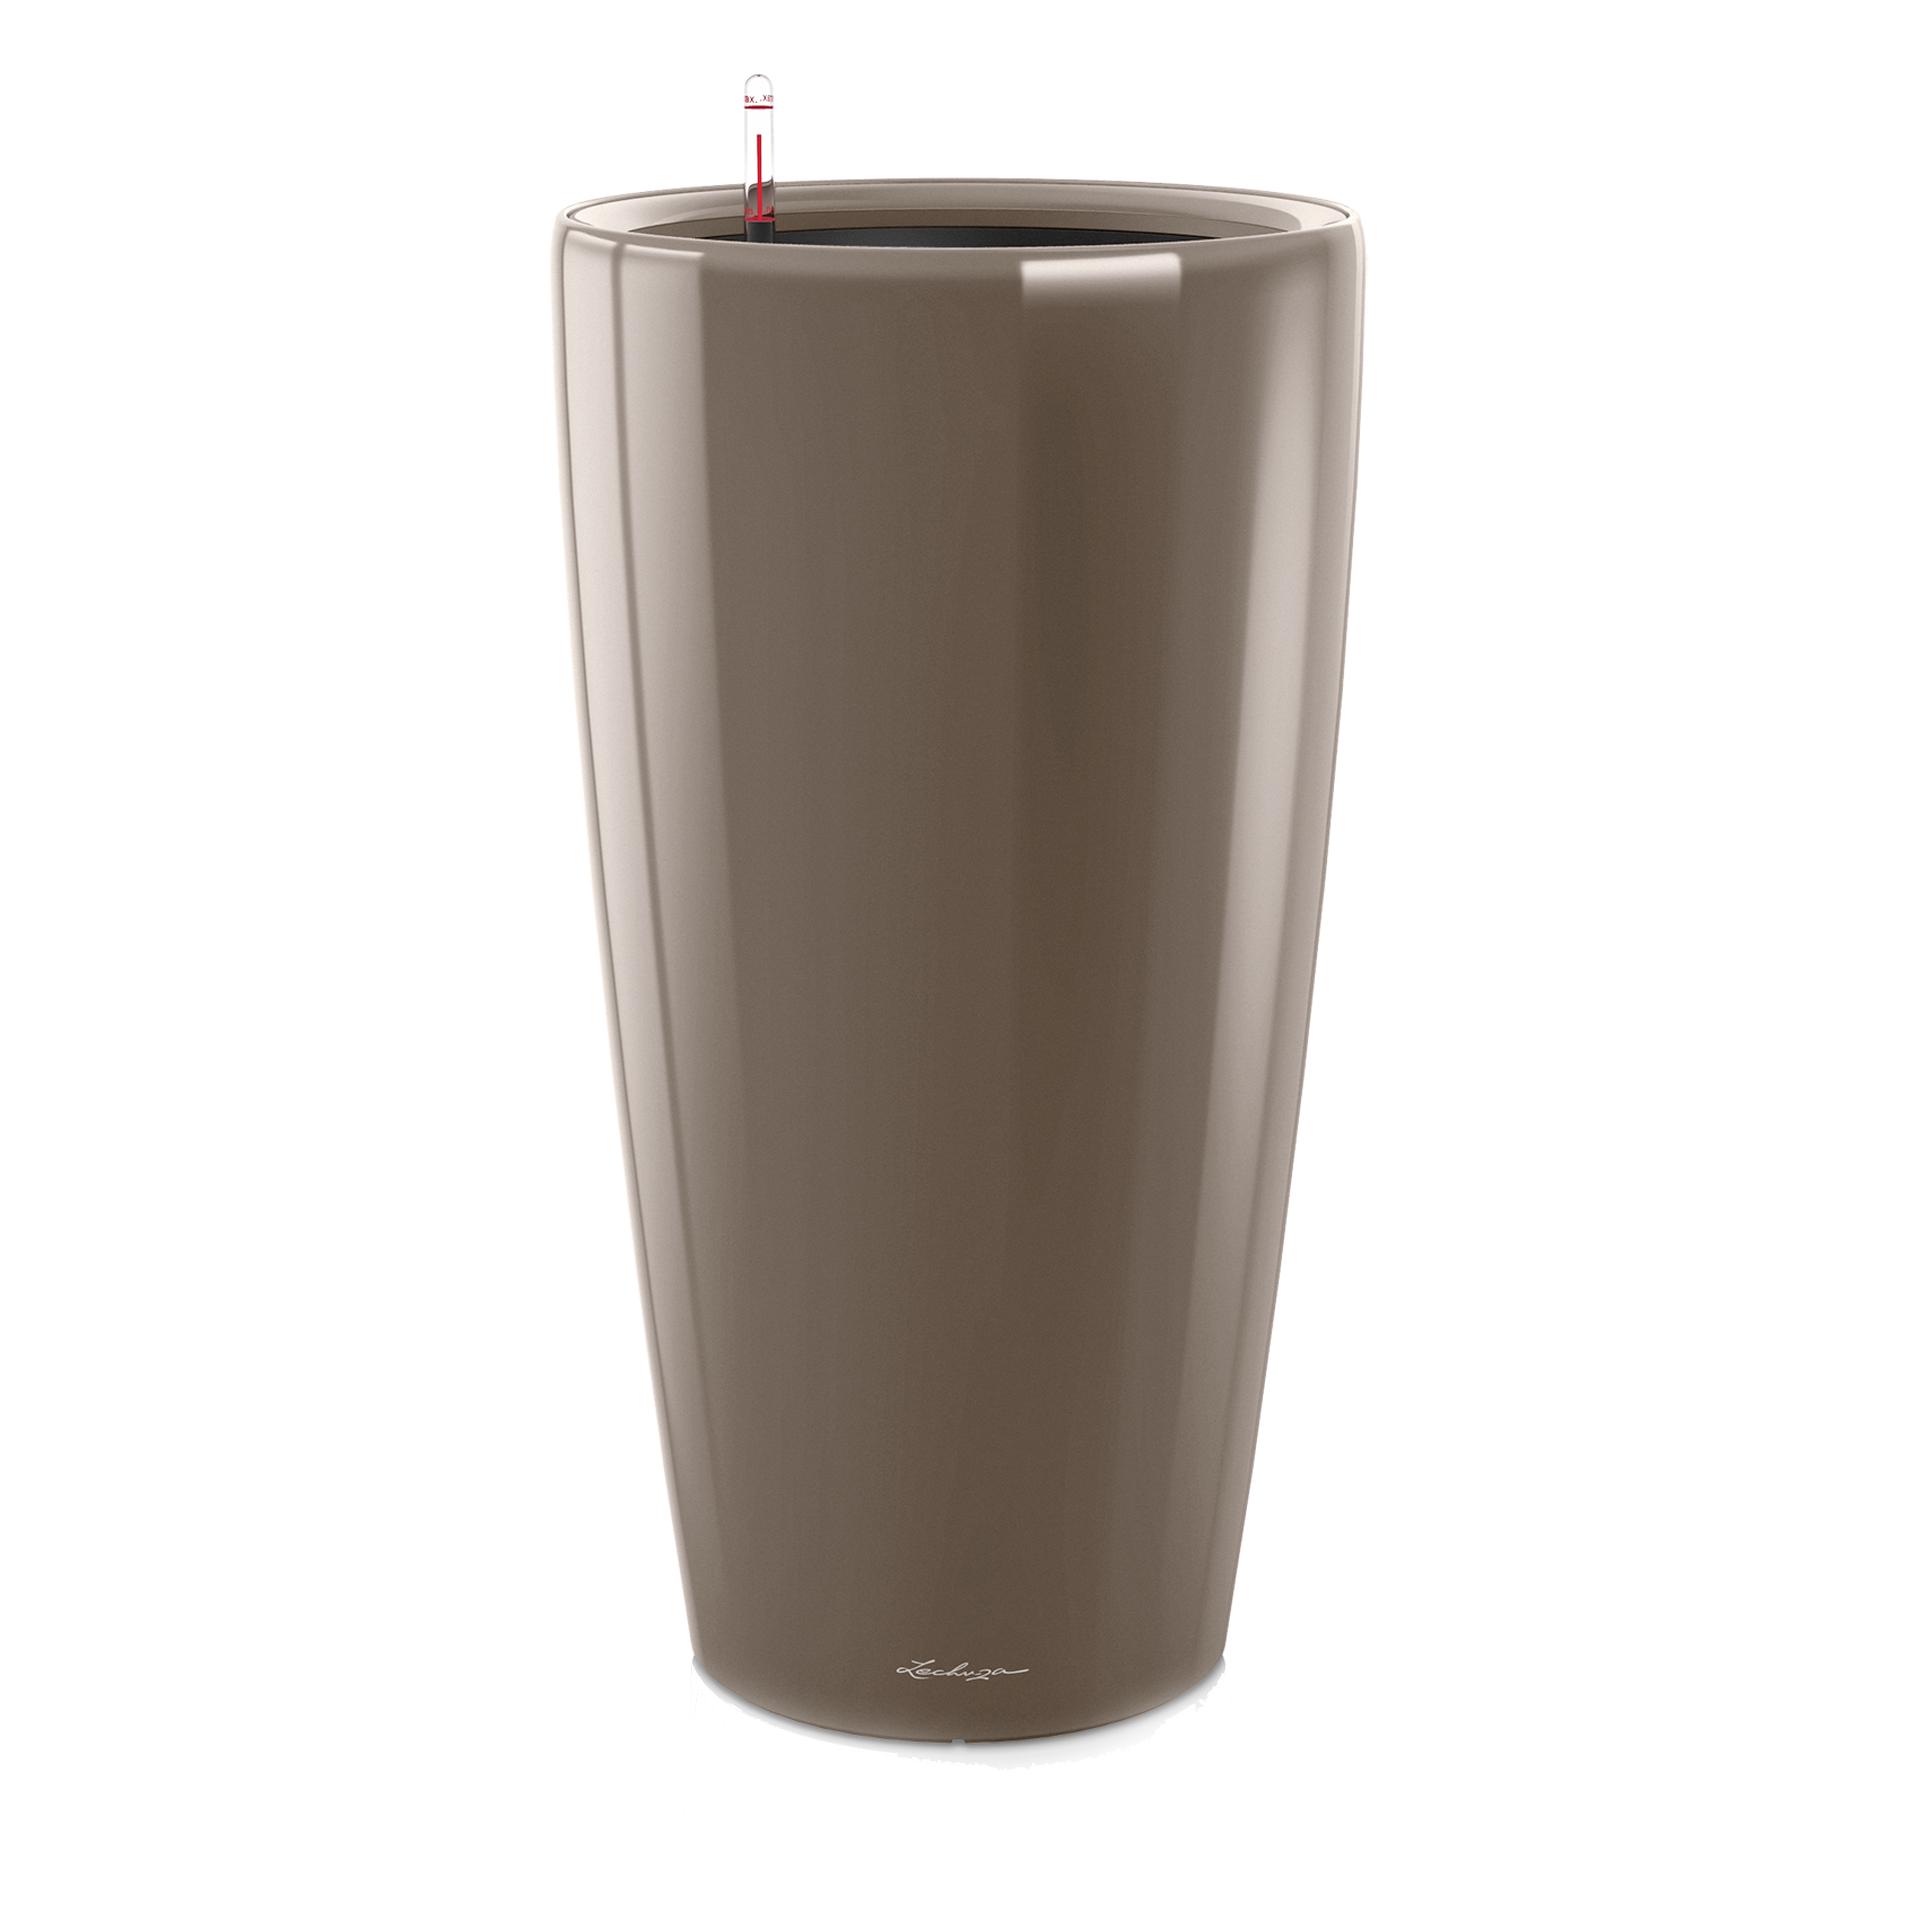 Кашпо Lechuza Rondo 40 см серо-коричневое с автополивом (15744) кашпо кубико альто 40 серебряное с автополивом 40х40х105см 18238 lechuza